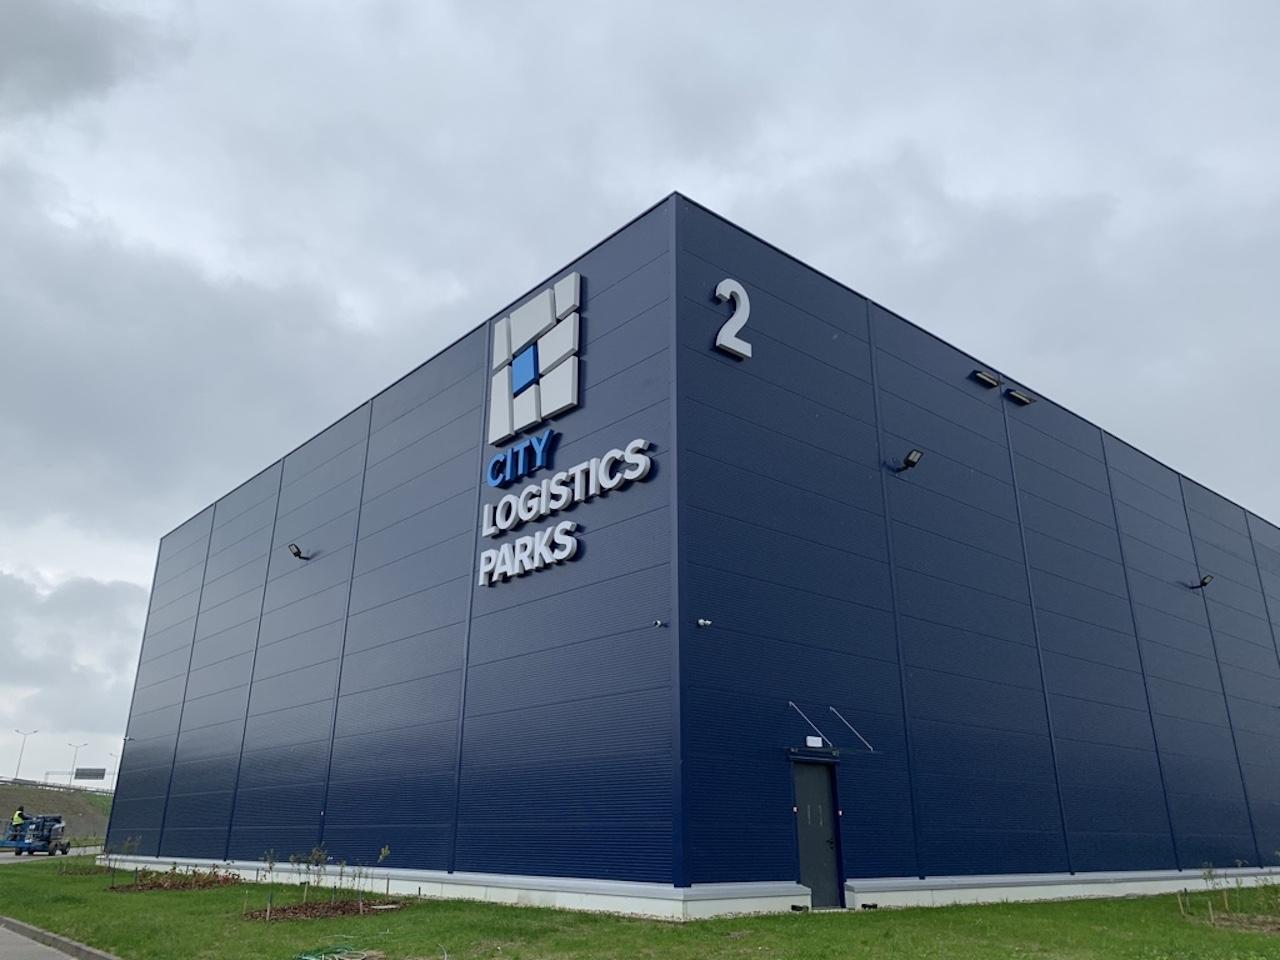 Schwarzes fenststerloses Logistik Gebäuden von AEW